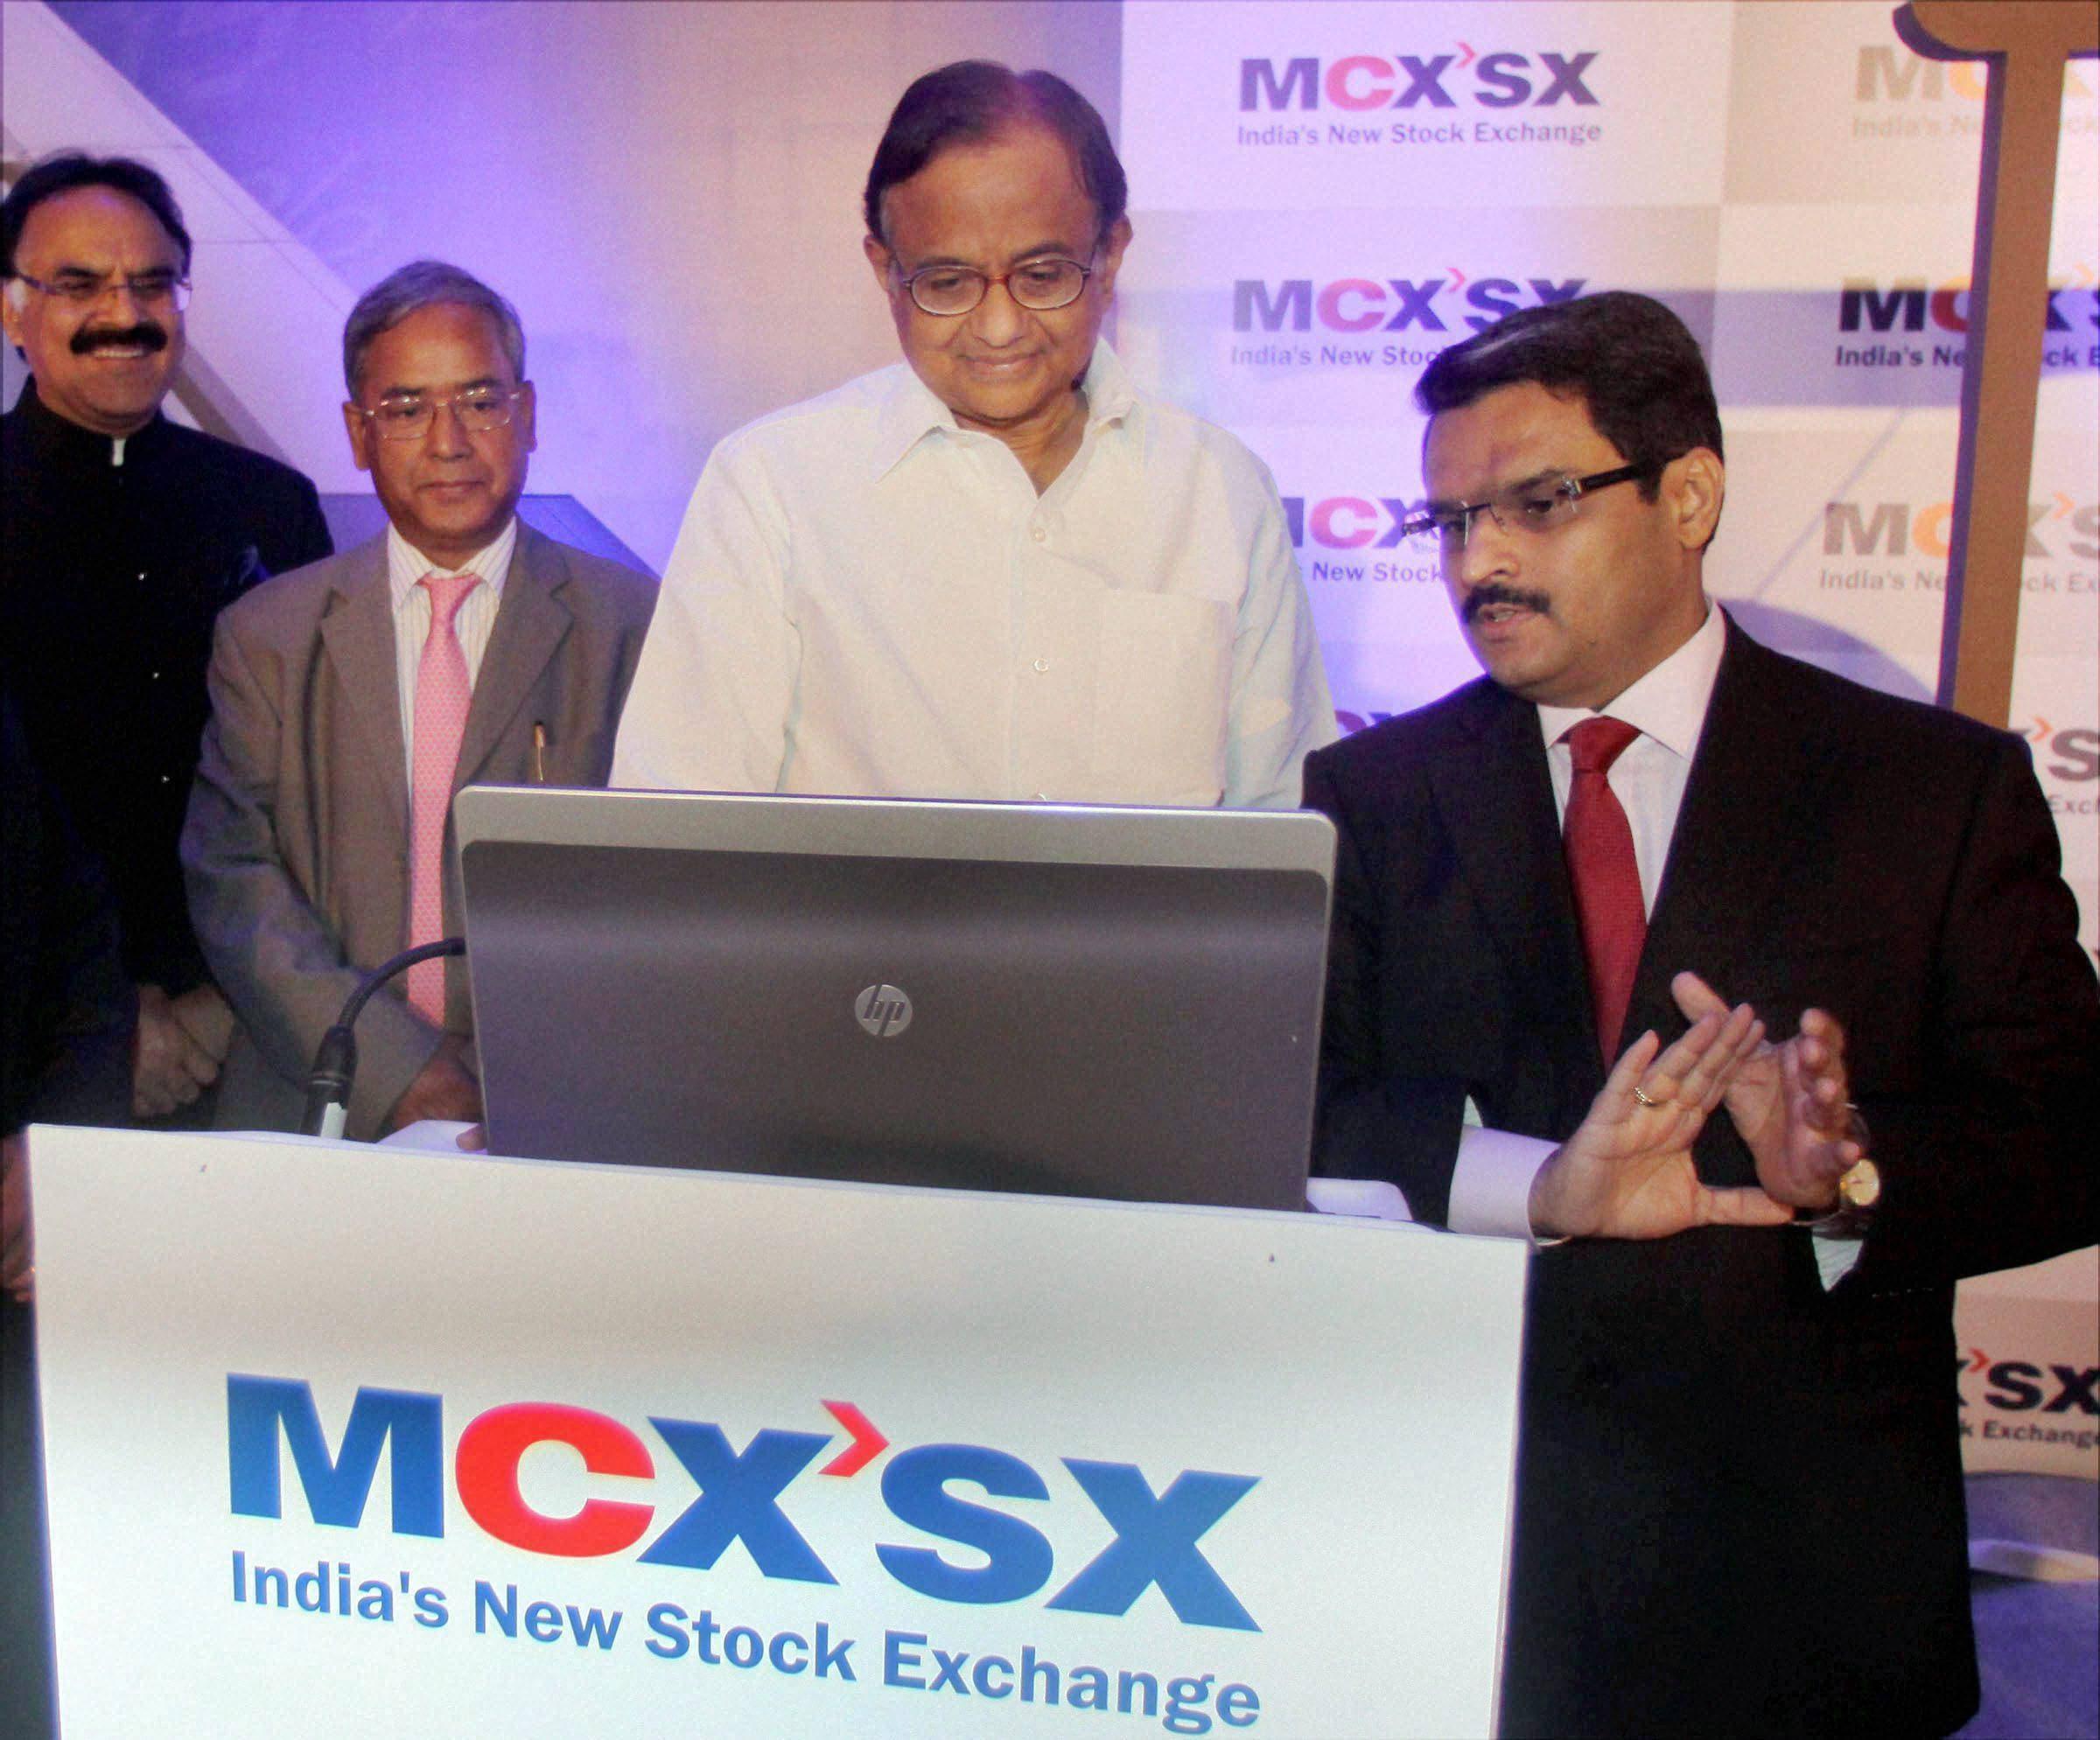 U K Sinha, P Chidambaram,  MCX'SX Equity